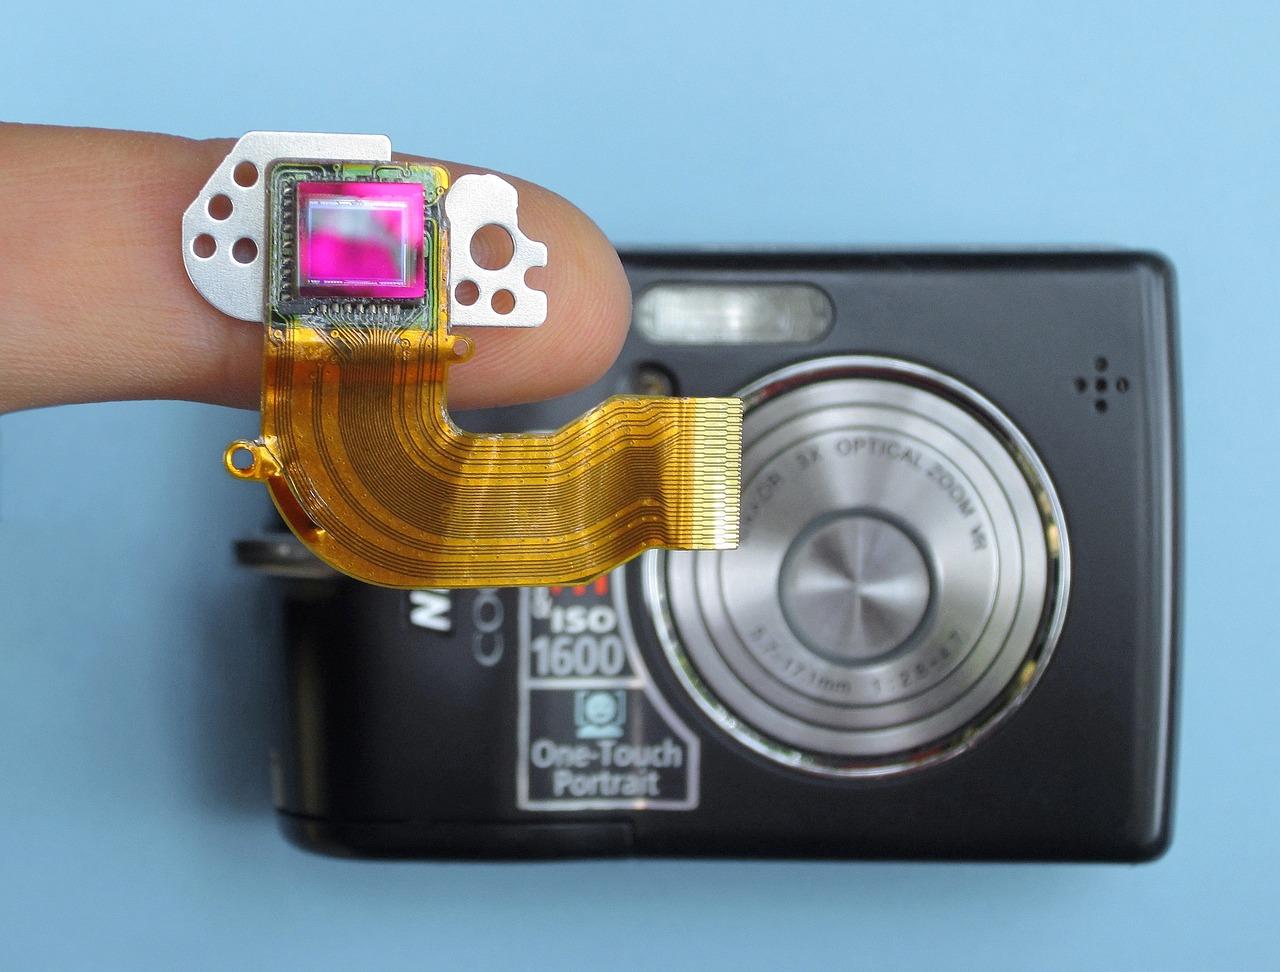 NEWYI CMOS / CCD Sensor Cleaner Cleaning Kit for DSLR SLR ...   Ccd Sensor Camera